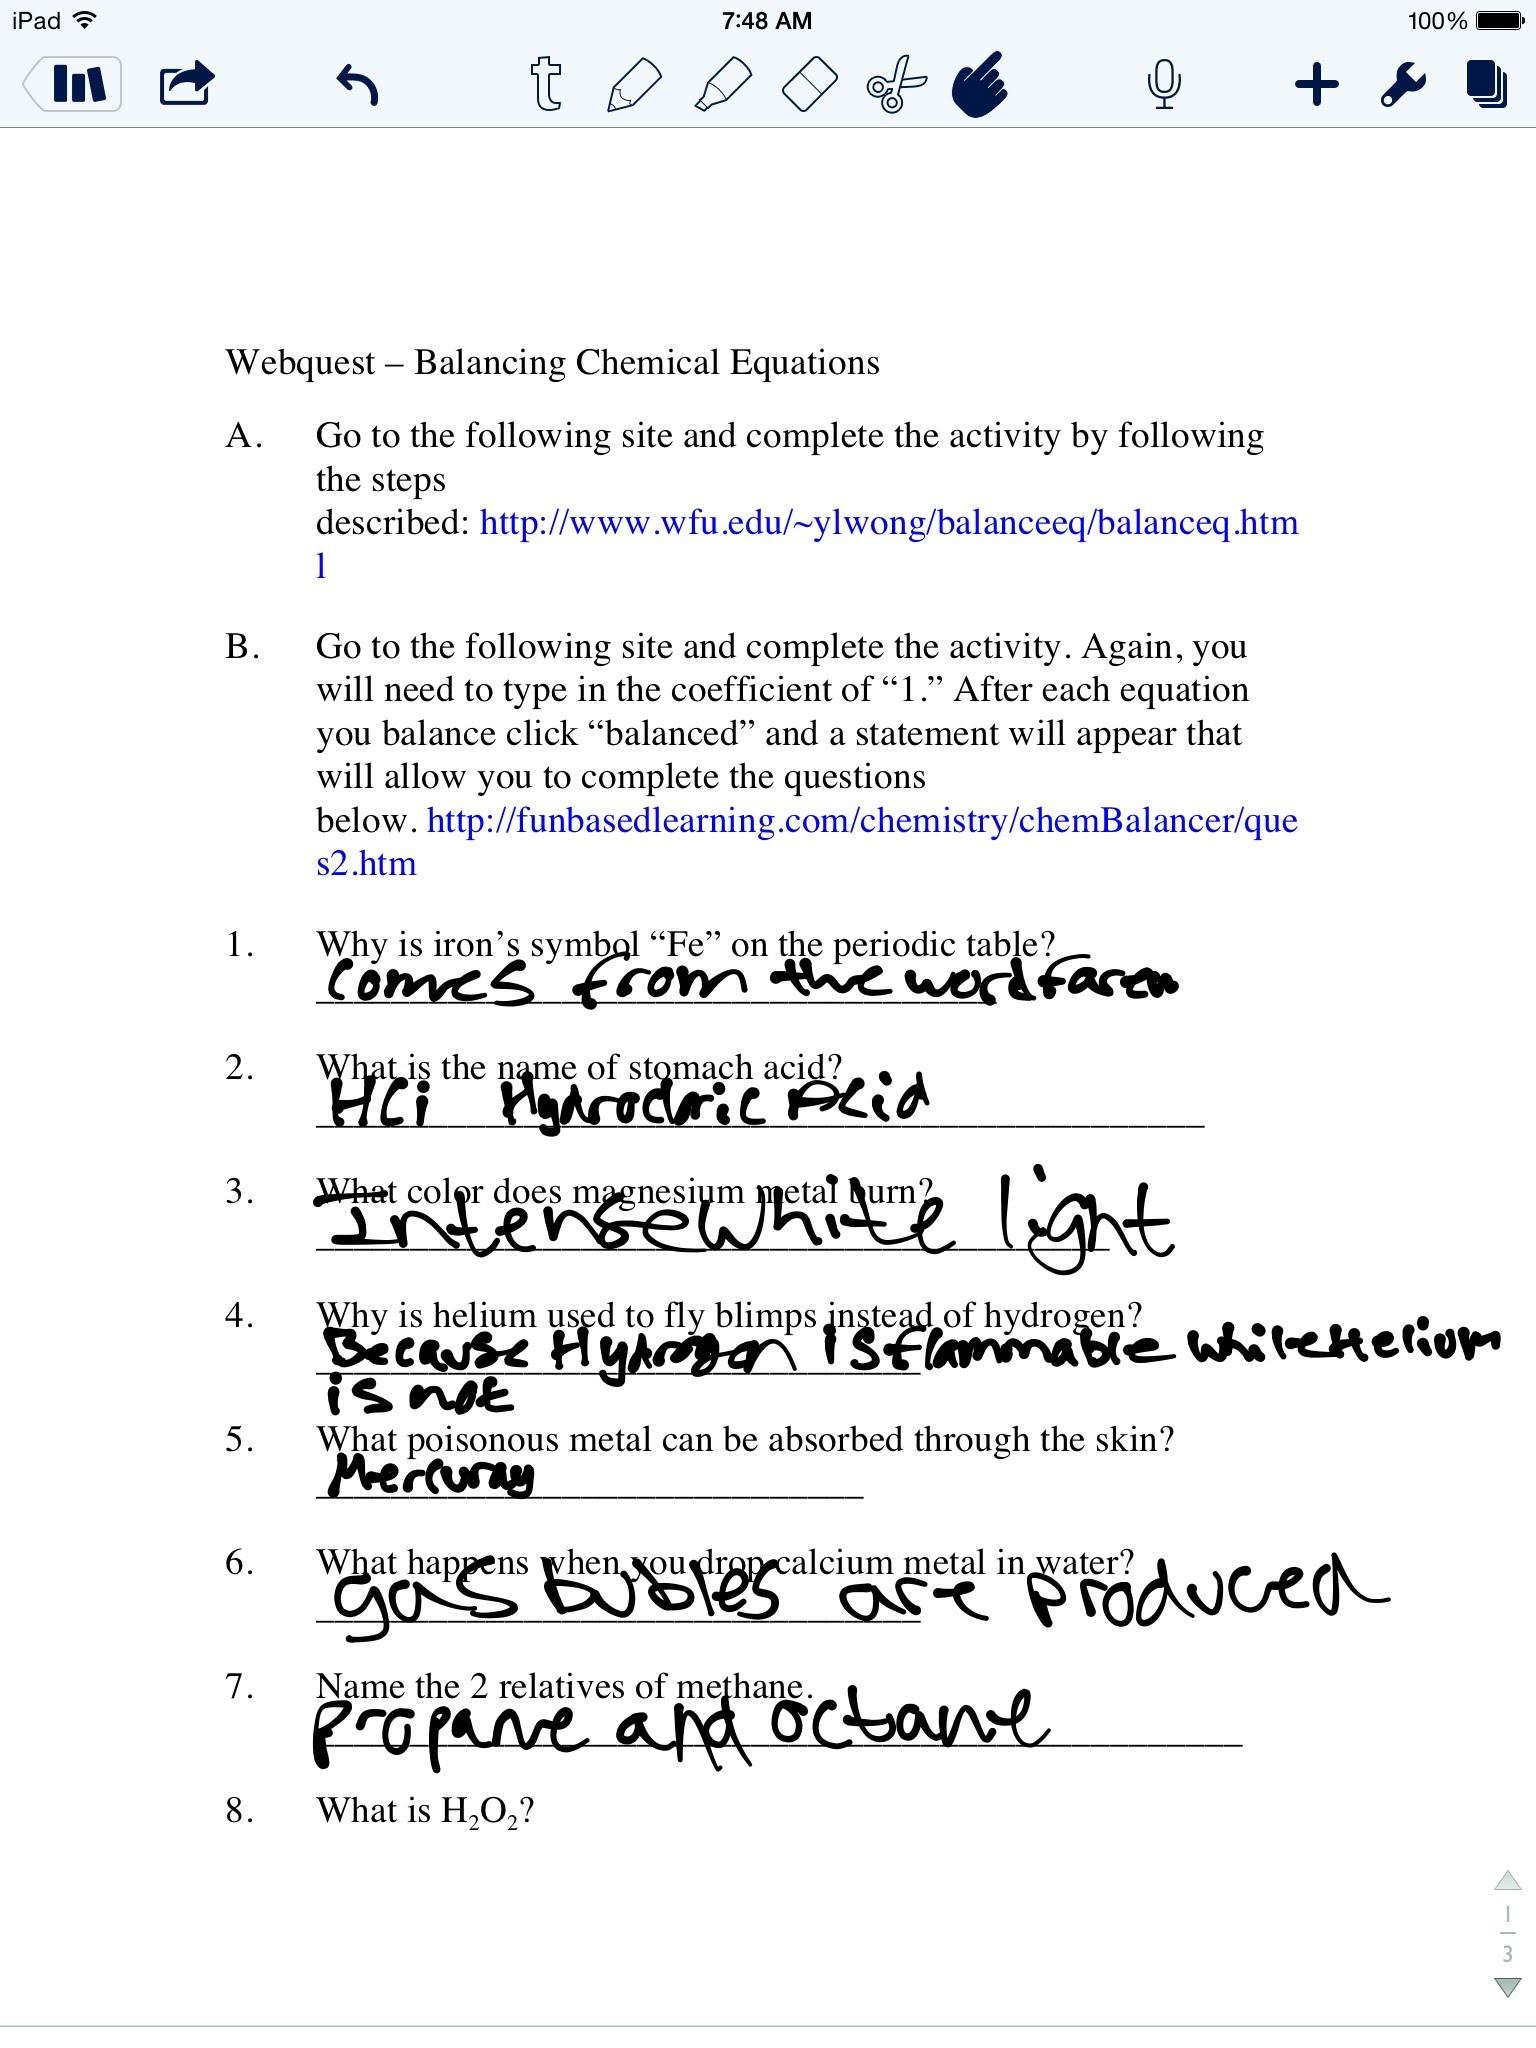 Balancing Equations Worksheet Answers